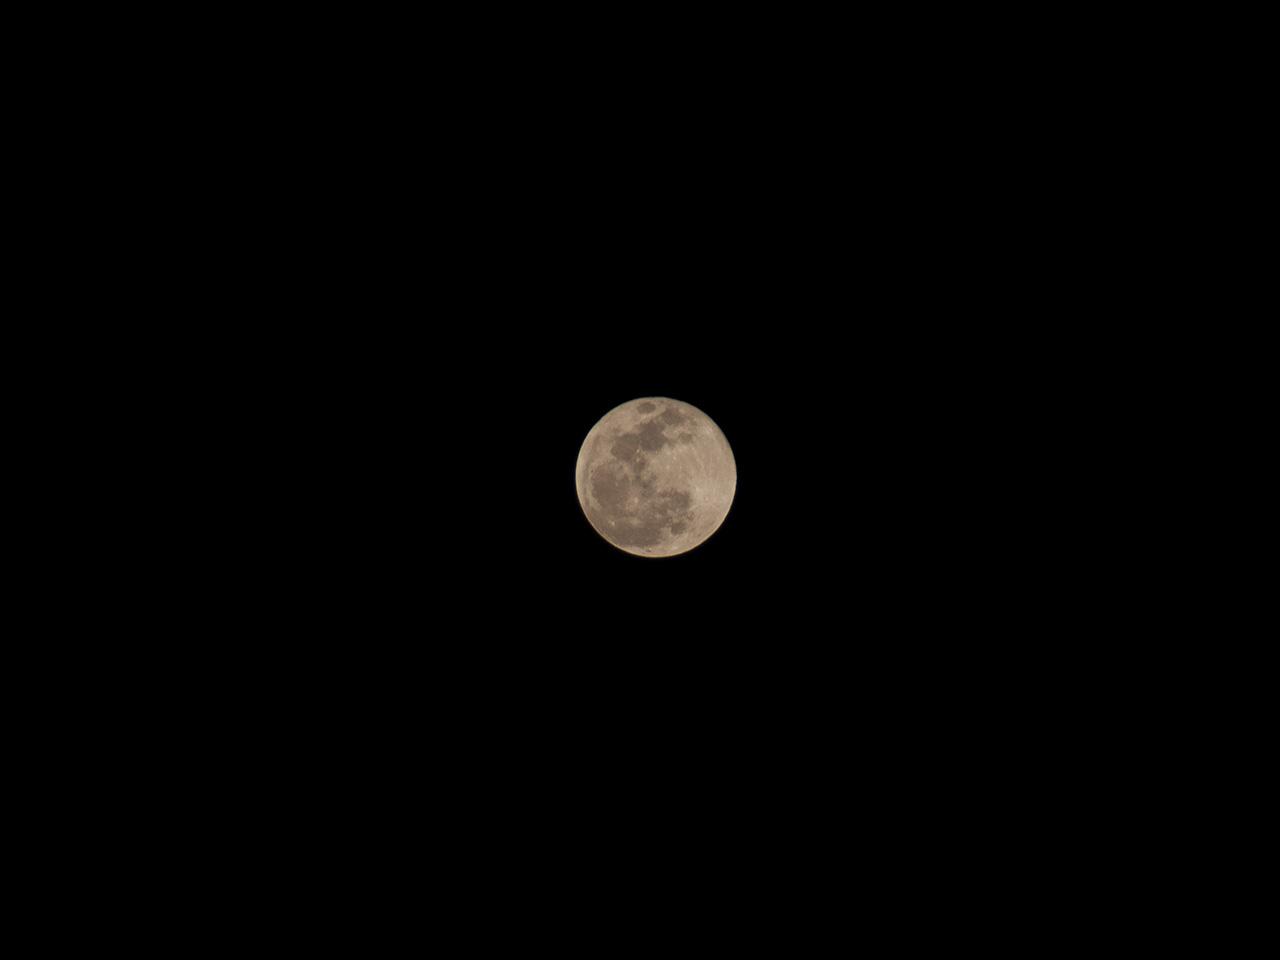 満月の写真(フリー素材)